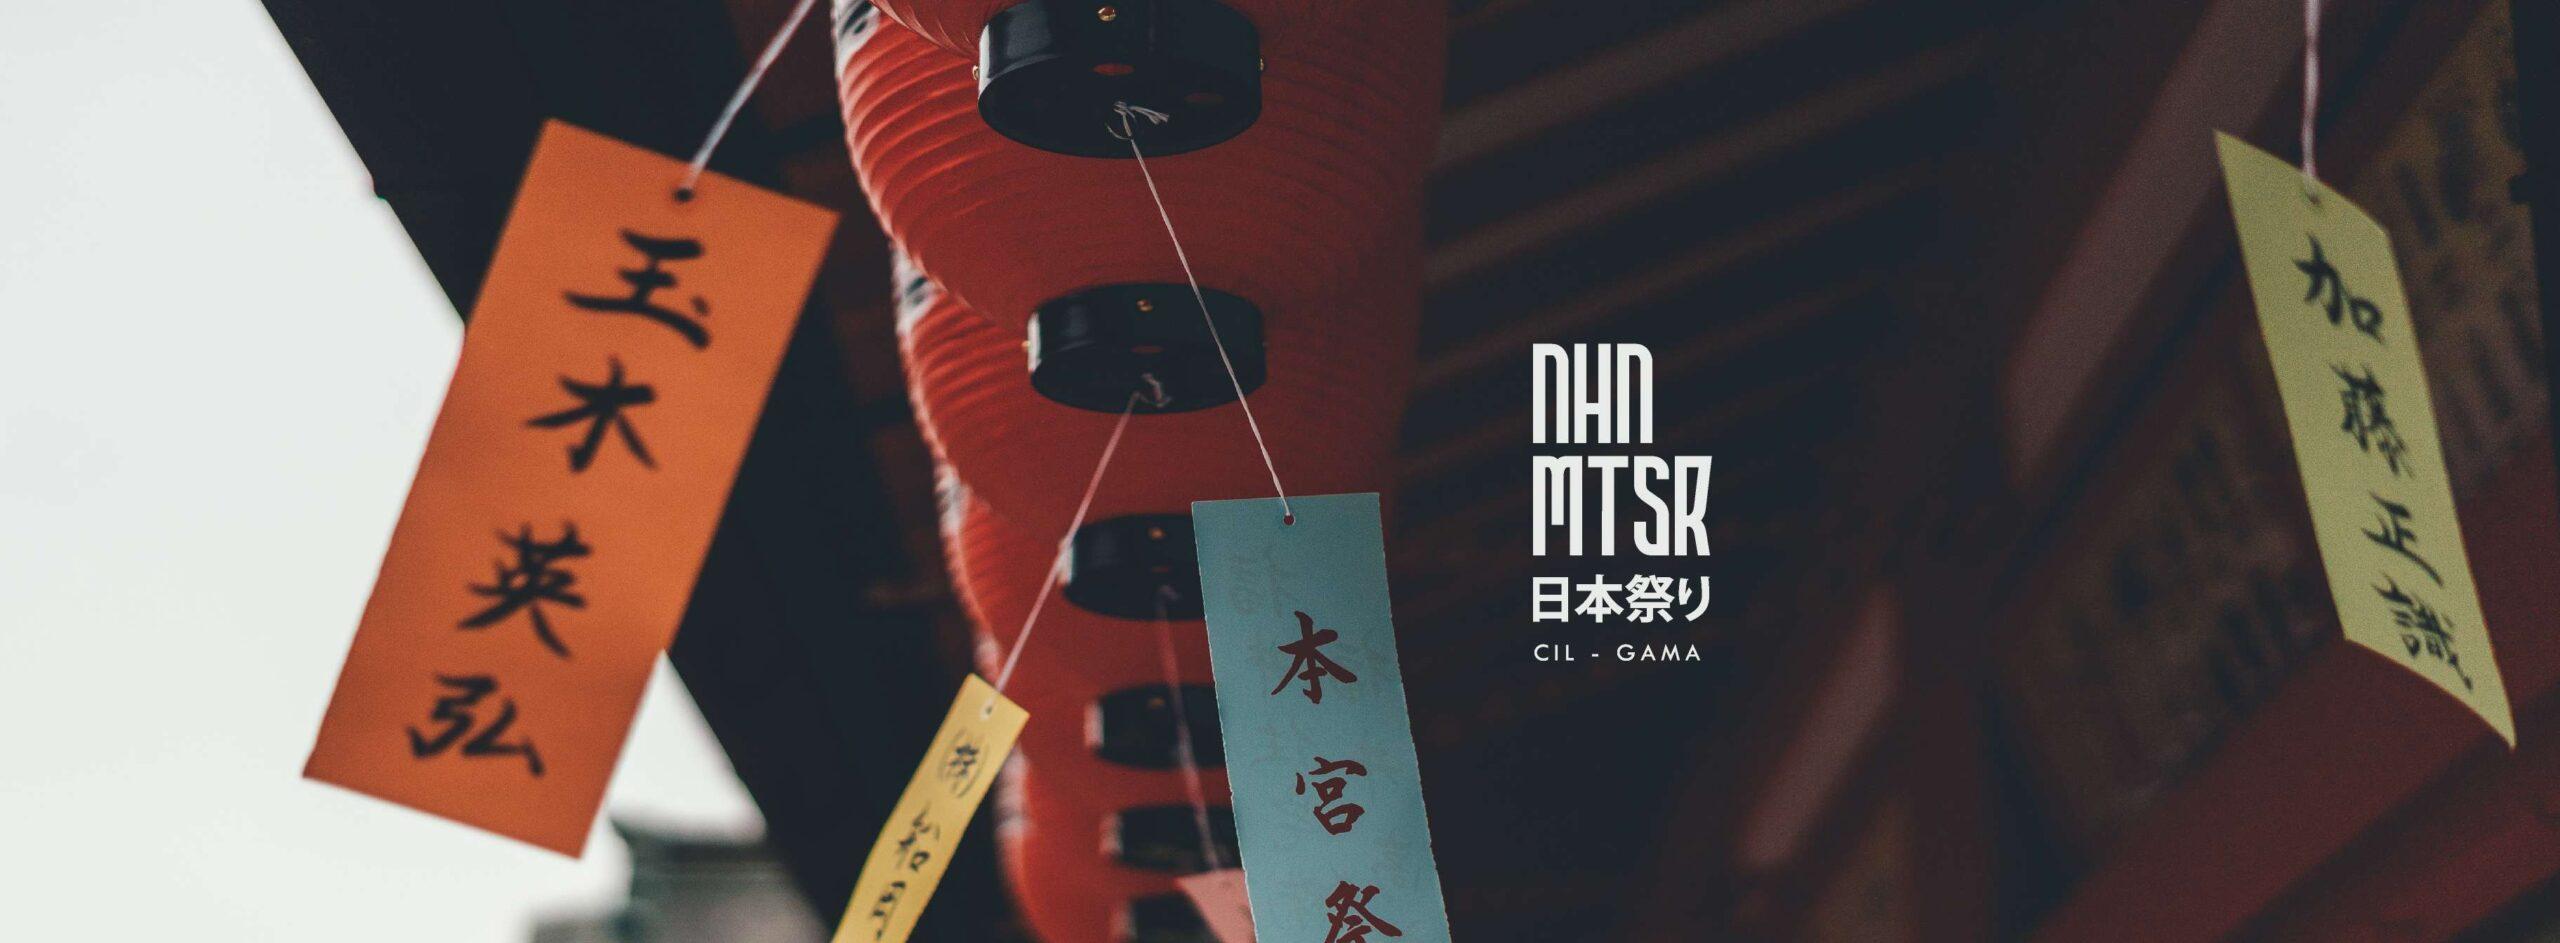 Imagem de mensagens japonesas com o logo do Nihon Matsuri